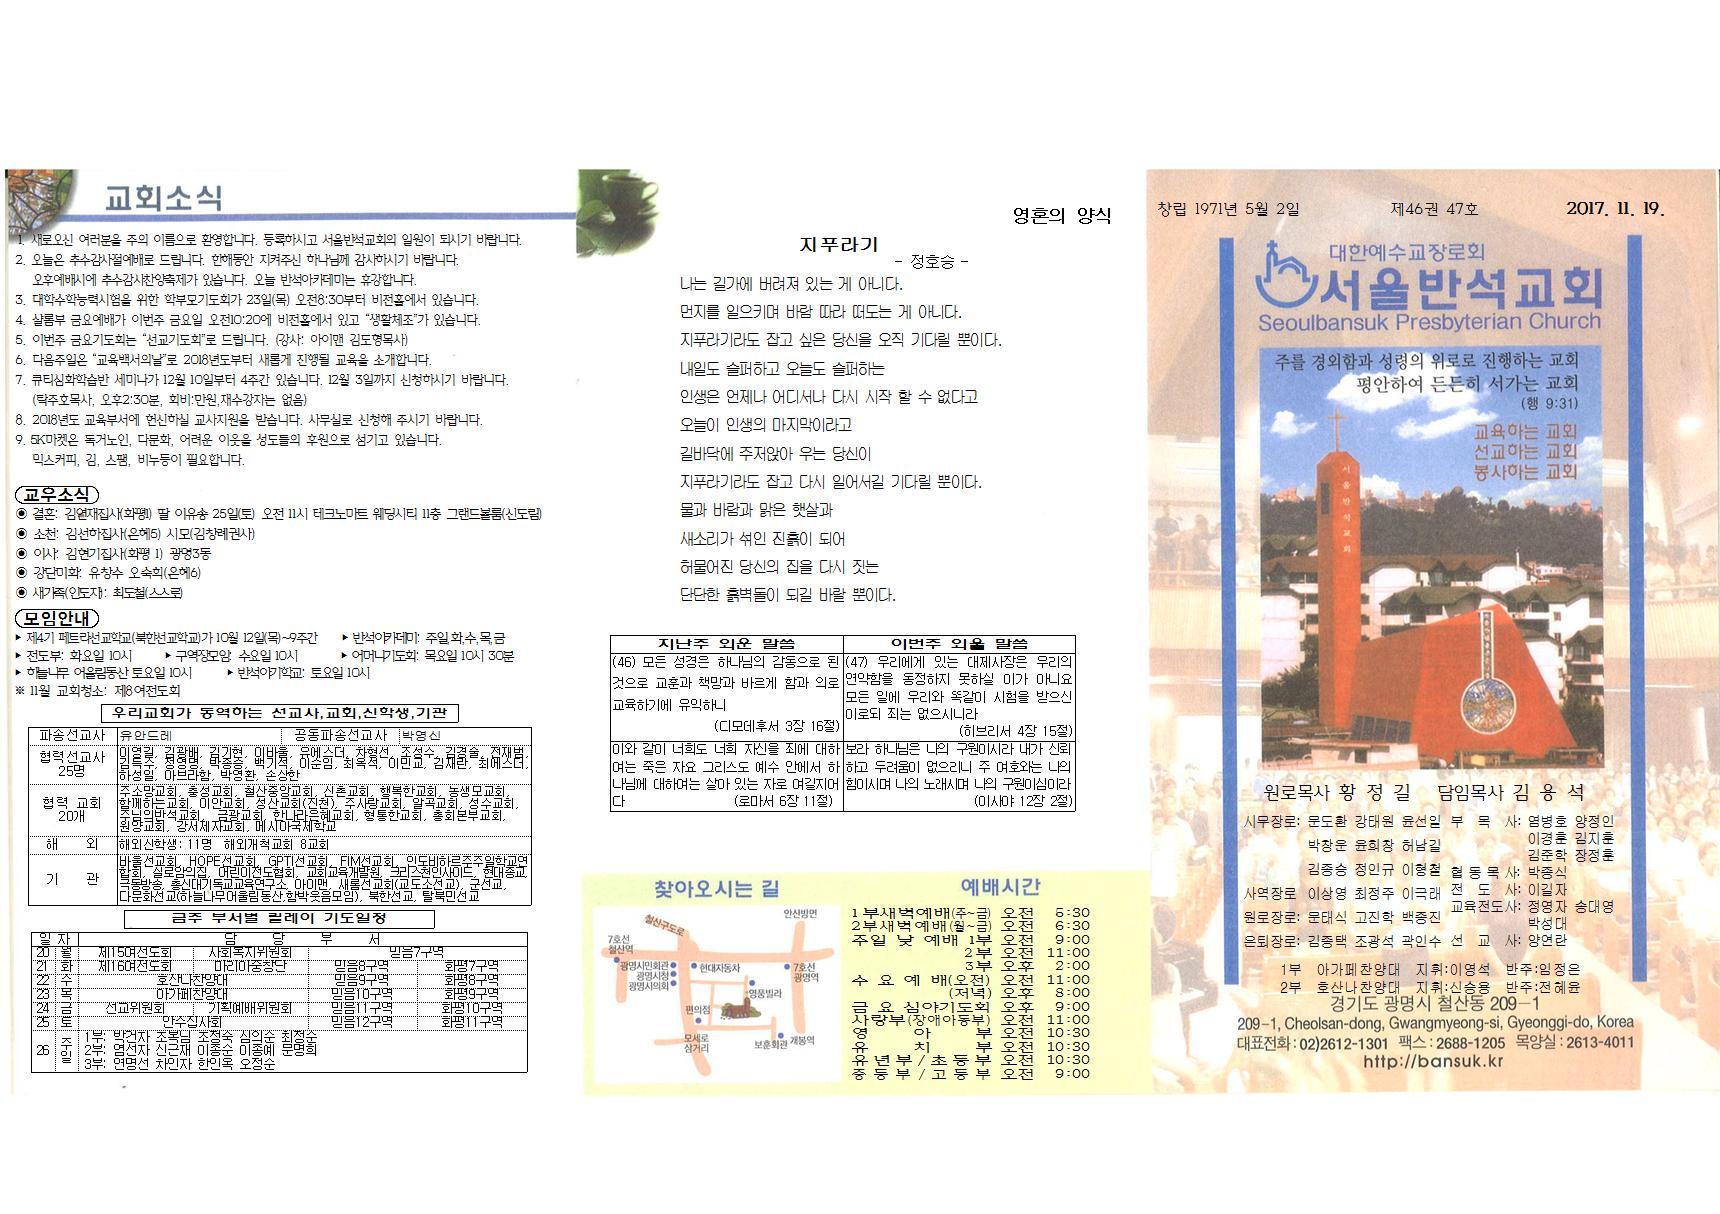 주보 제46권 47호(2017.11.19)